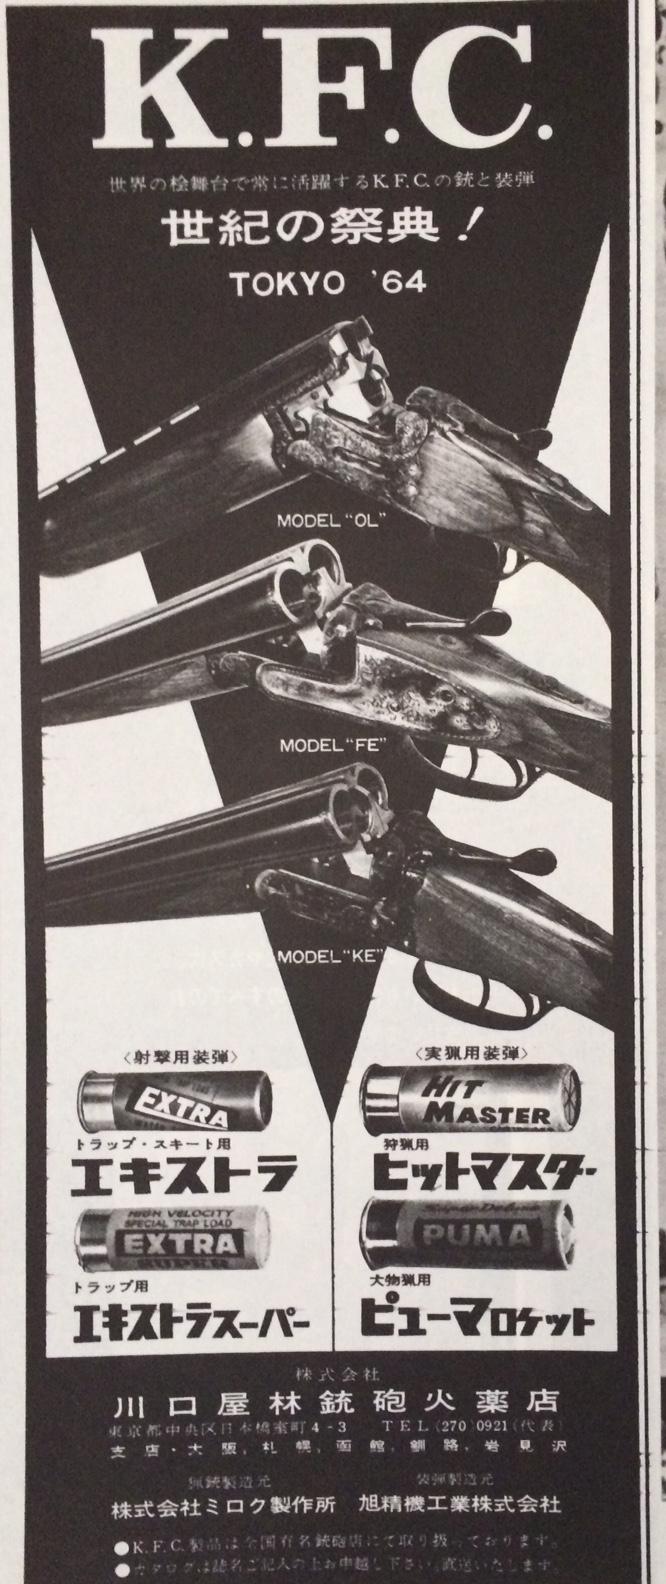 KFC rifle advertisement